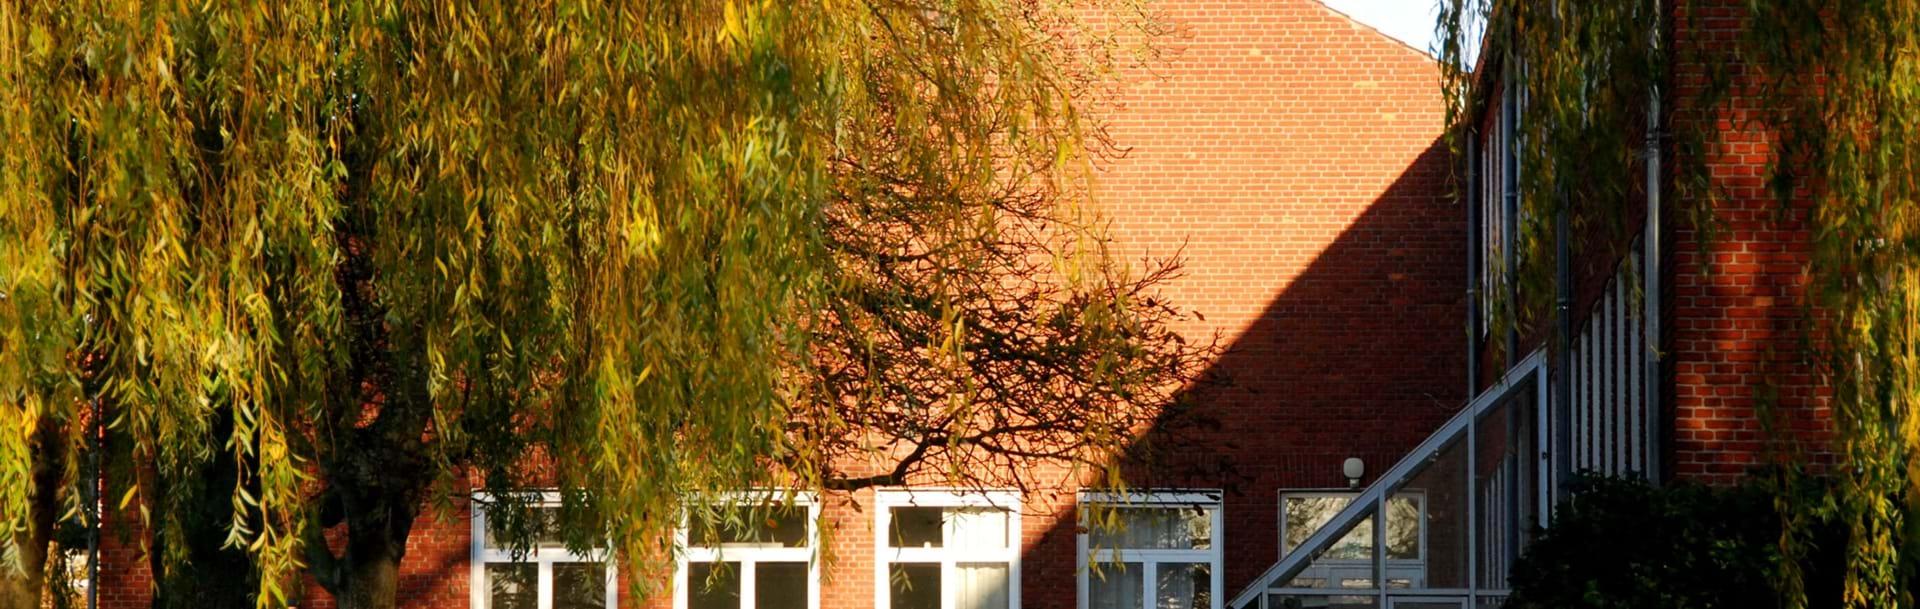 En af skolens bygninger i baggrunden med et stort træ foran